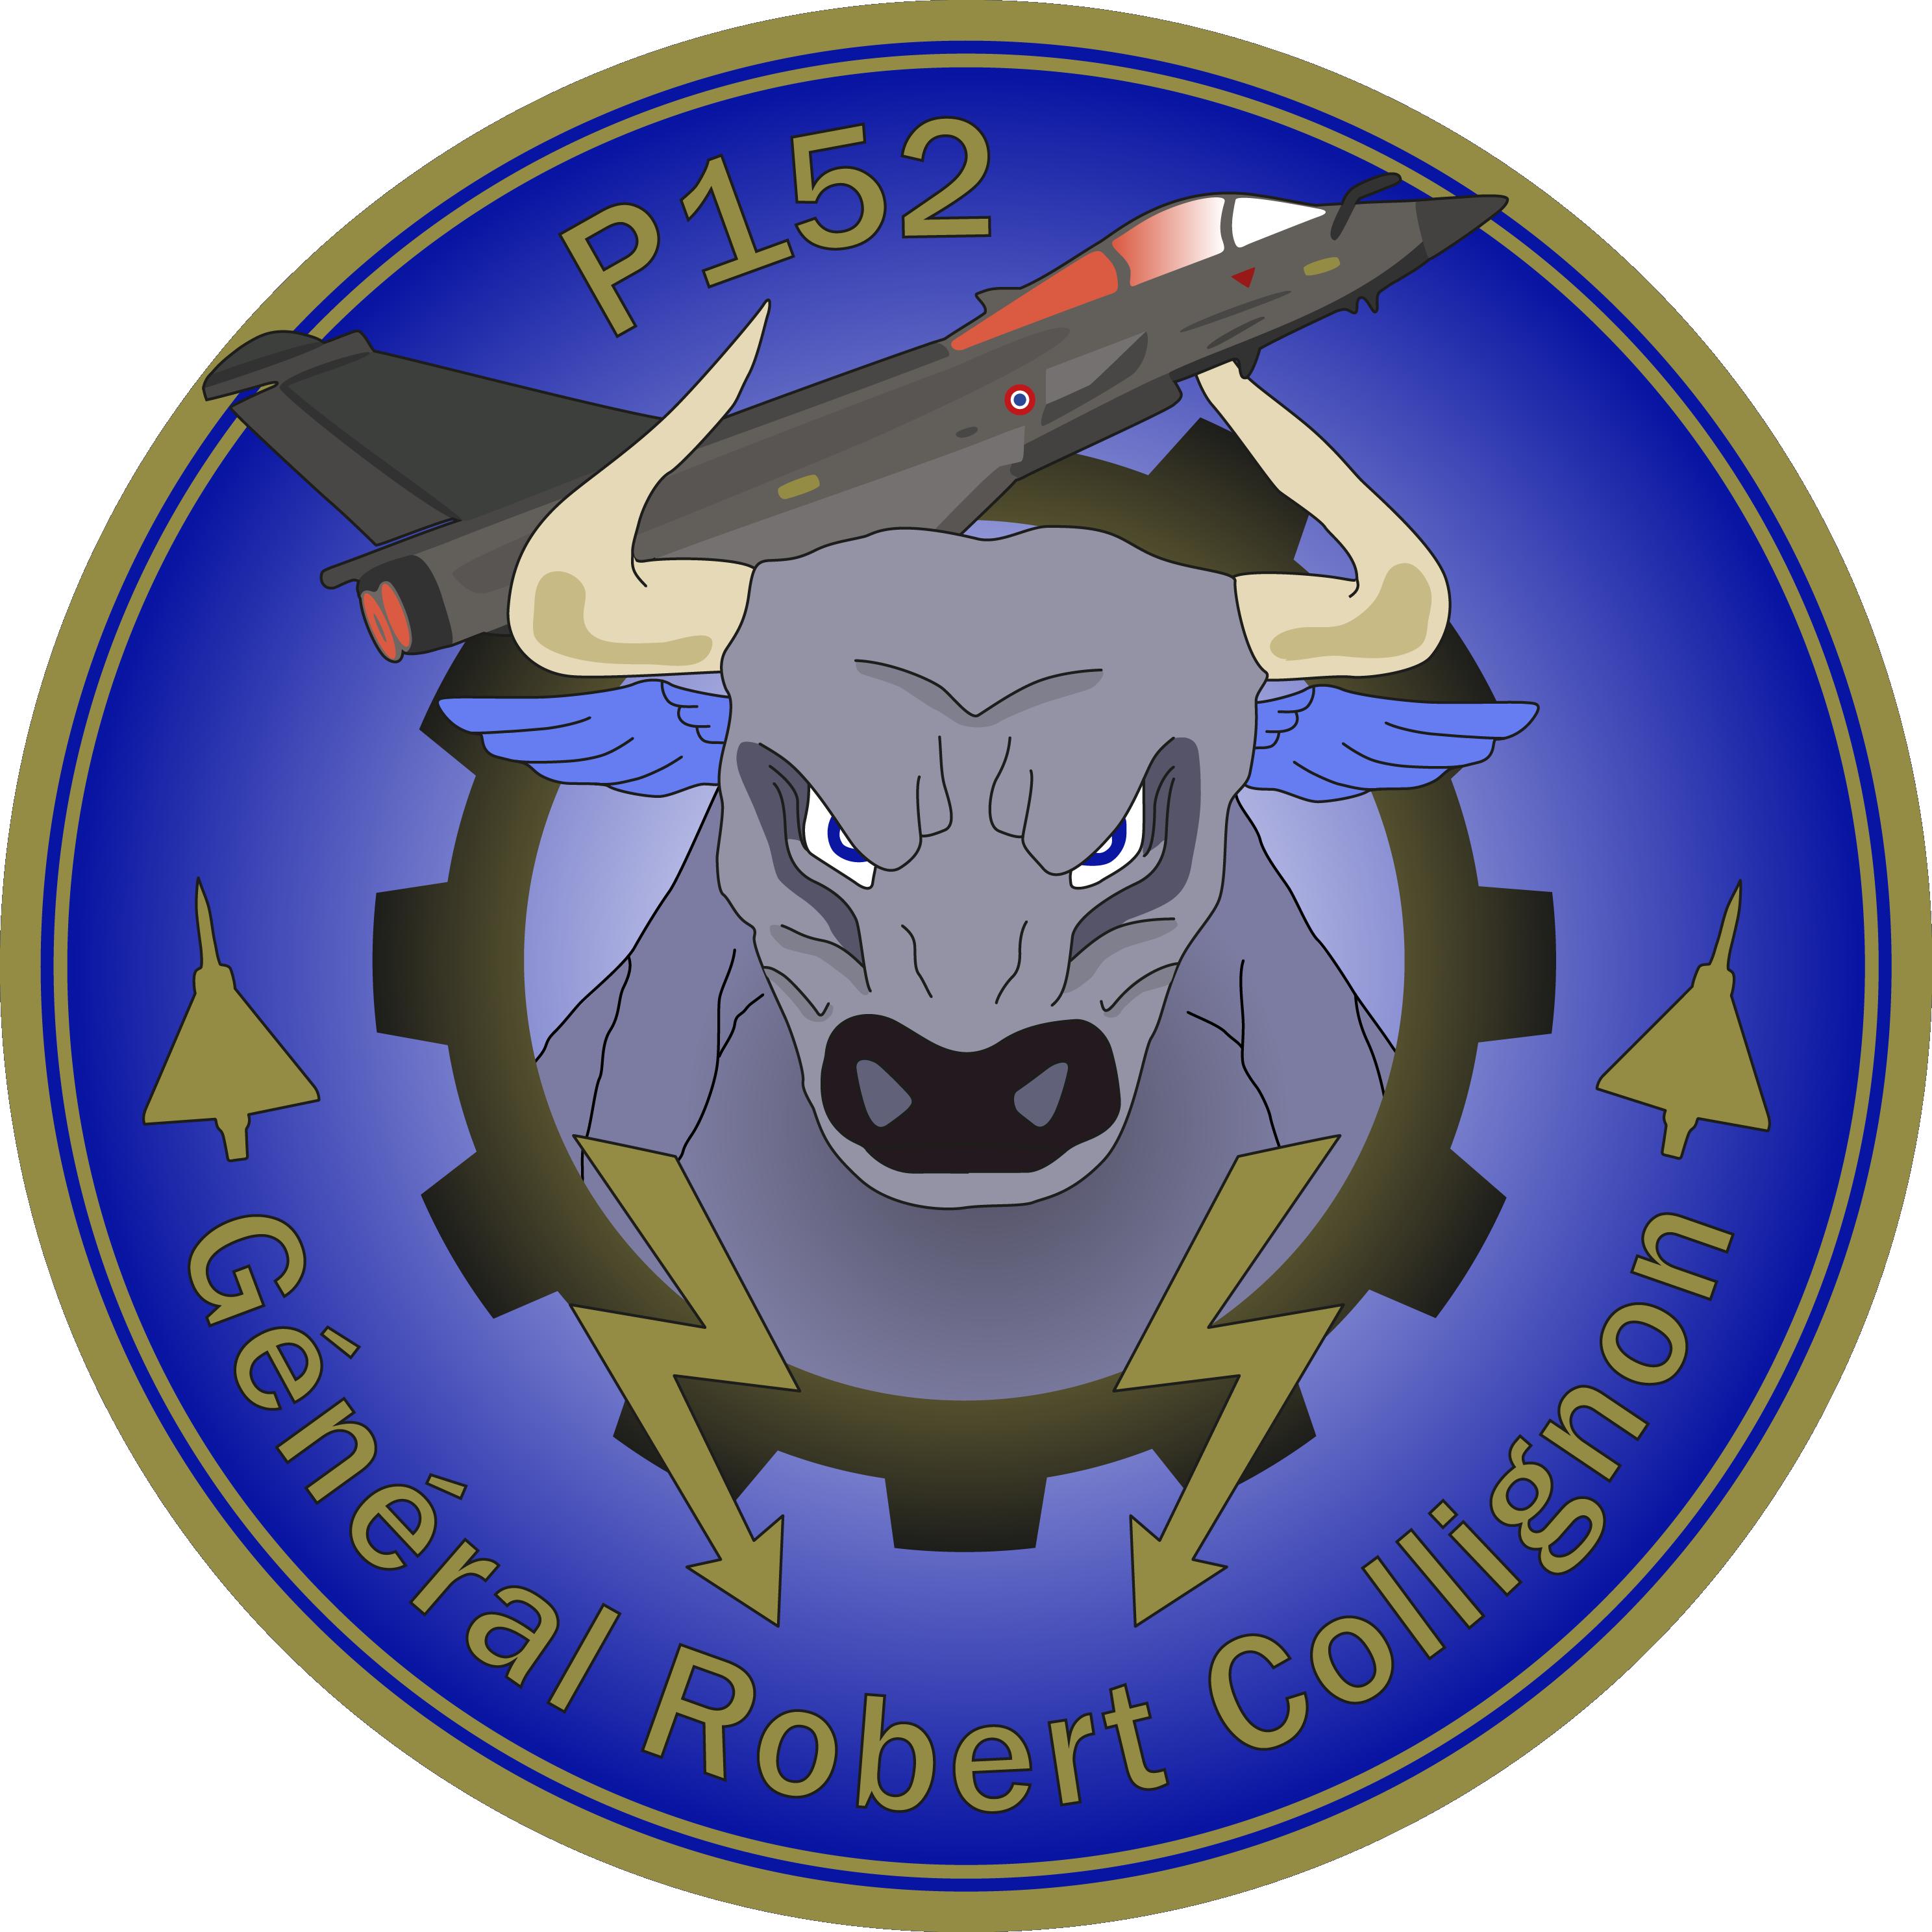 Baptême de la Promotion 152 Général Robert COLLIGNON 1